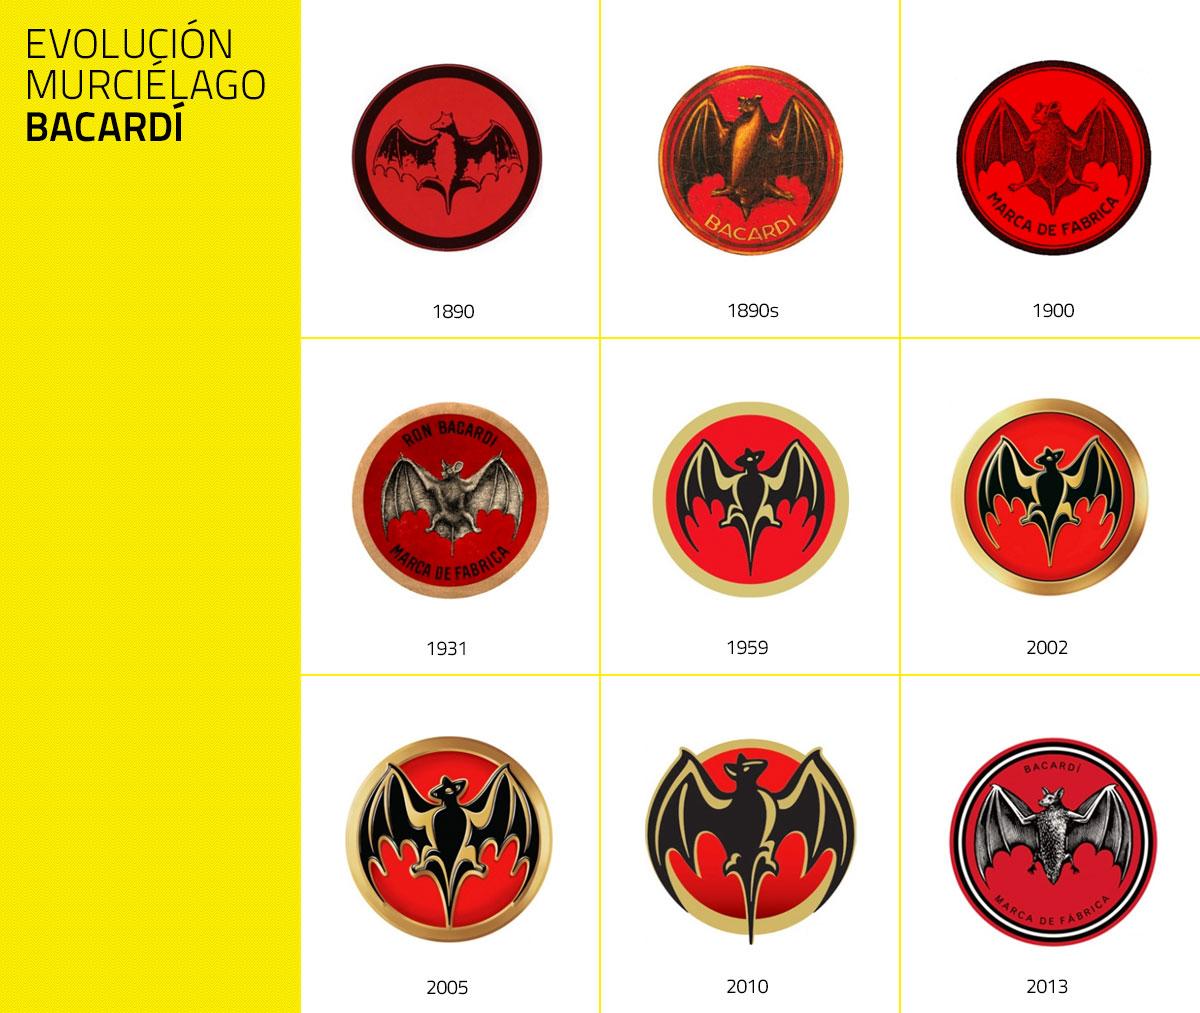 Evolución de la marca del murciélago hasta la actualidad